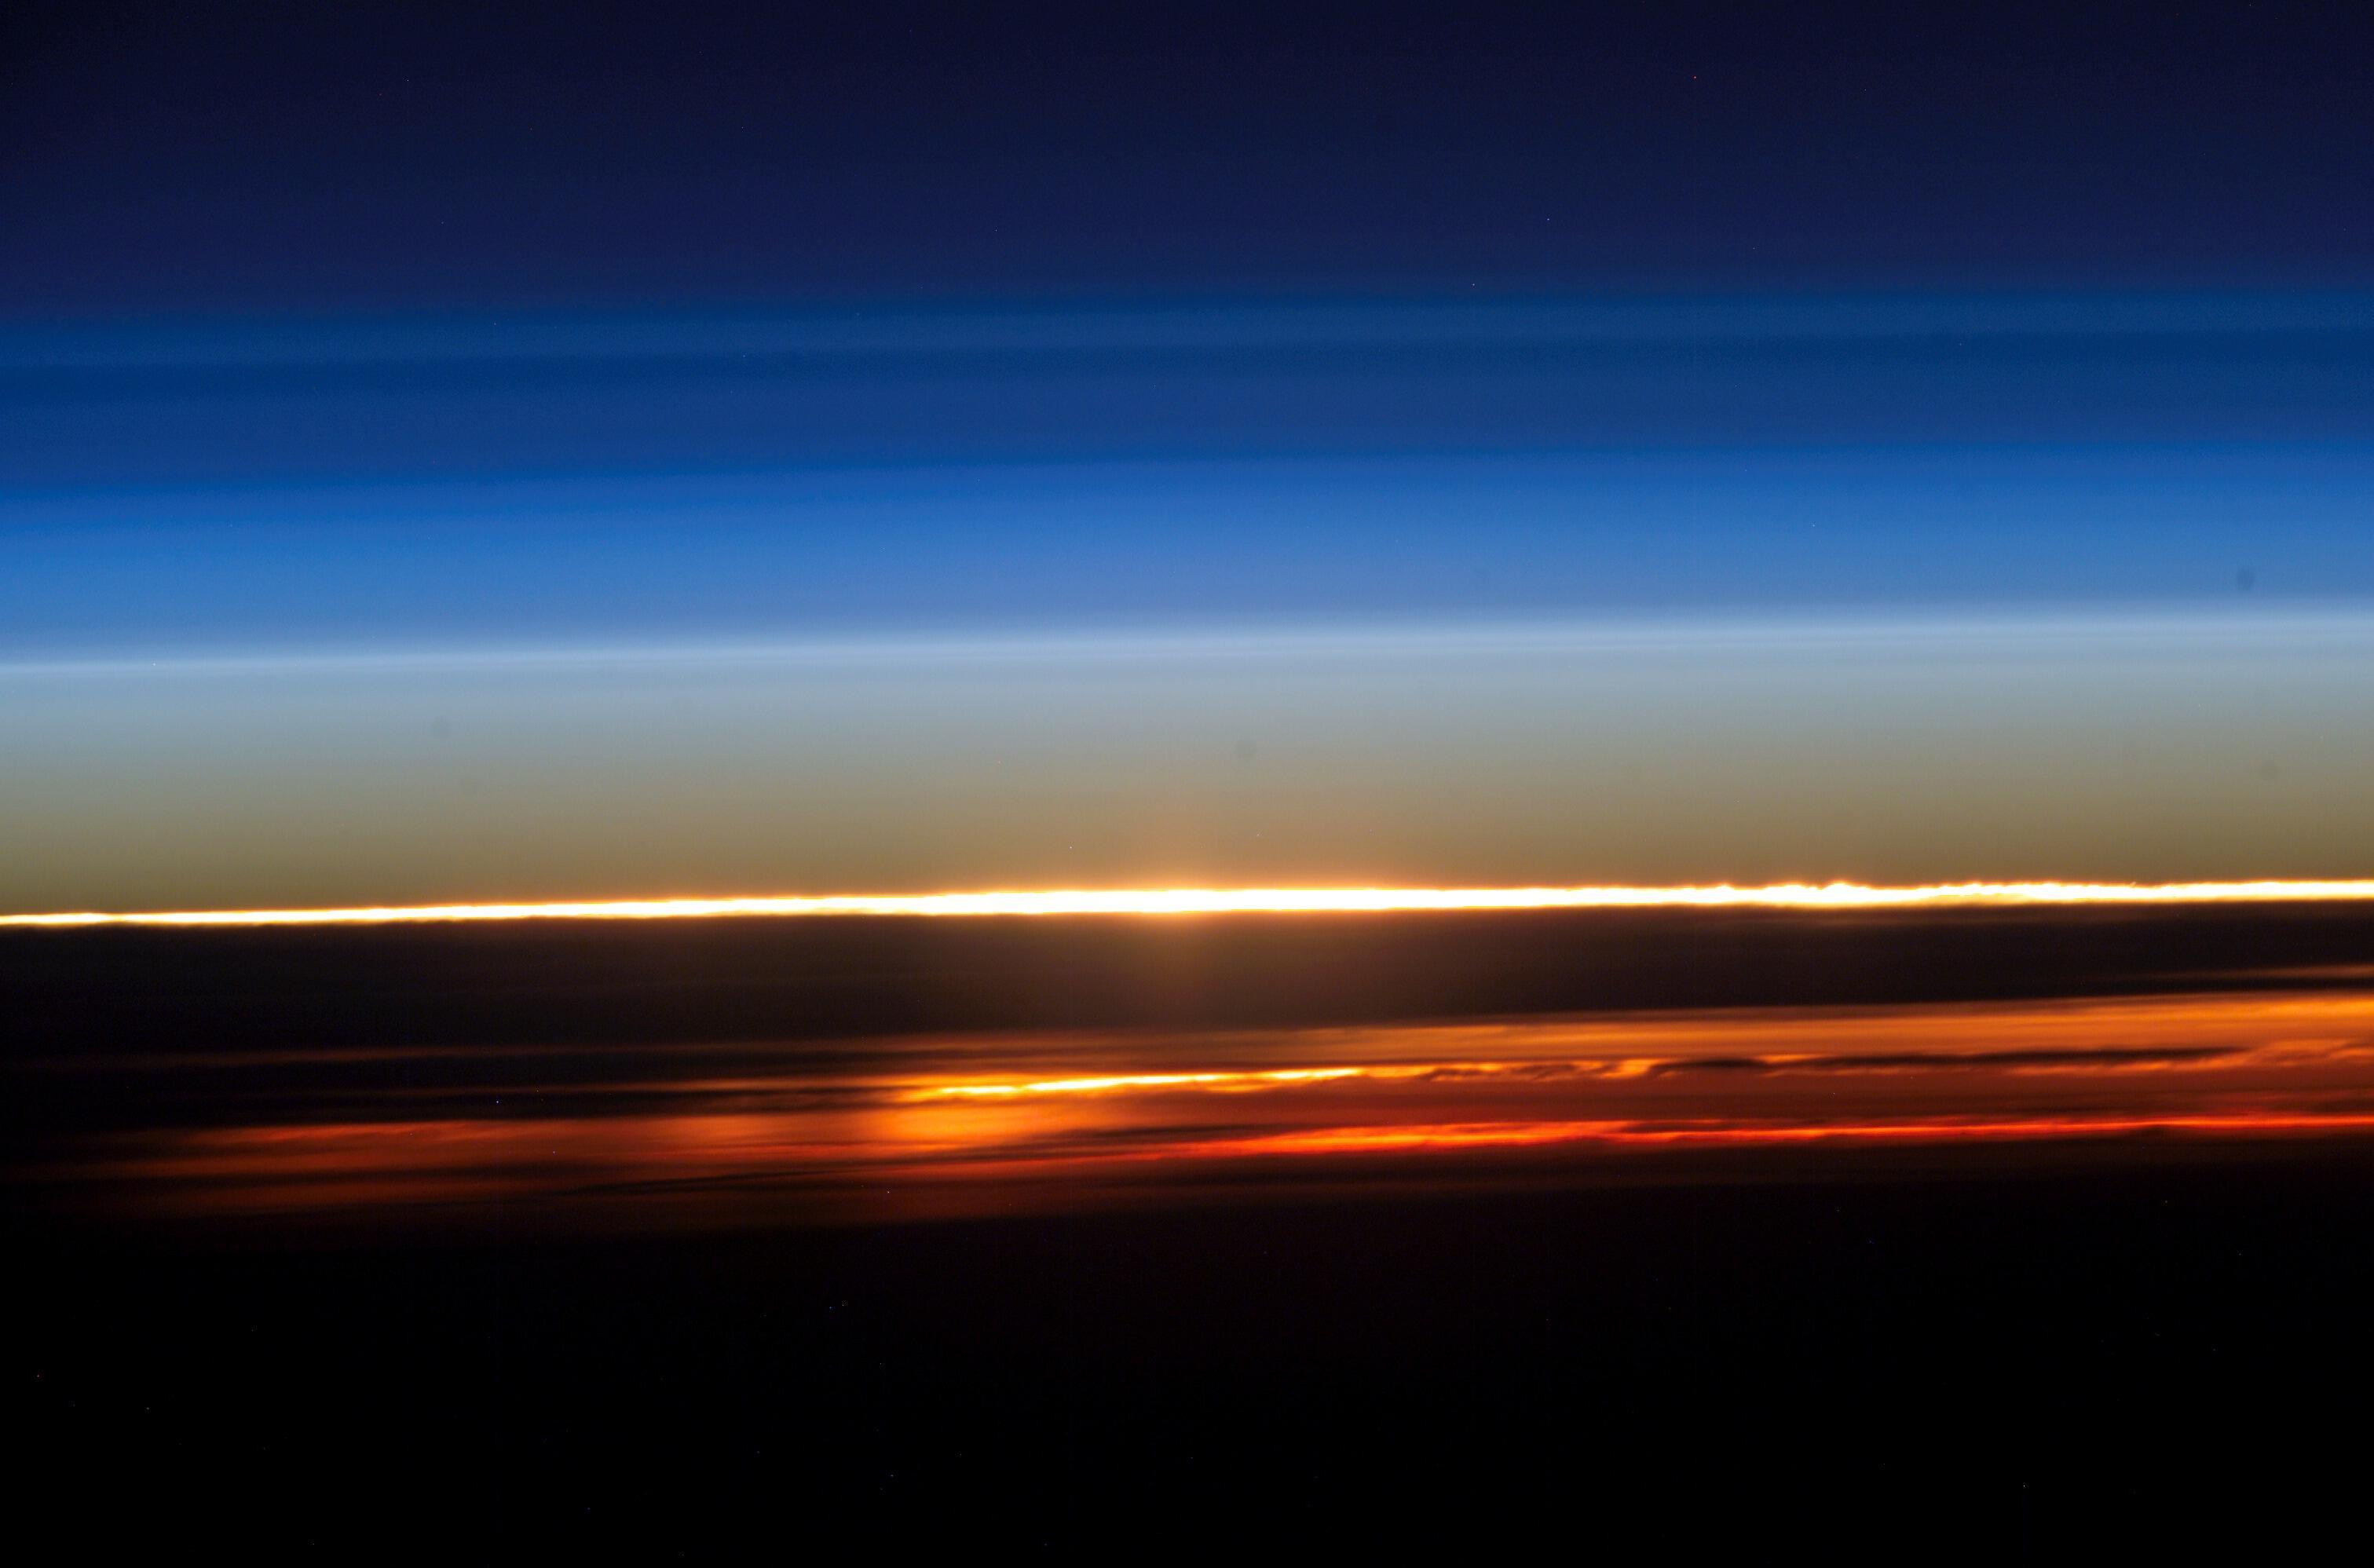 Bild zu Sonnenuntergang aus Perspektive der ISS